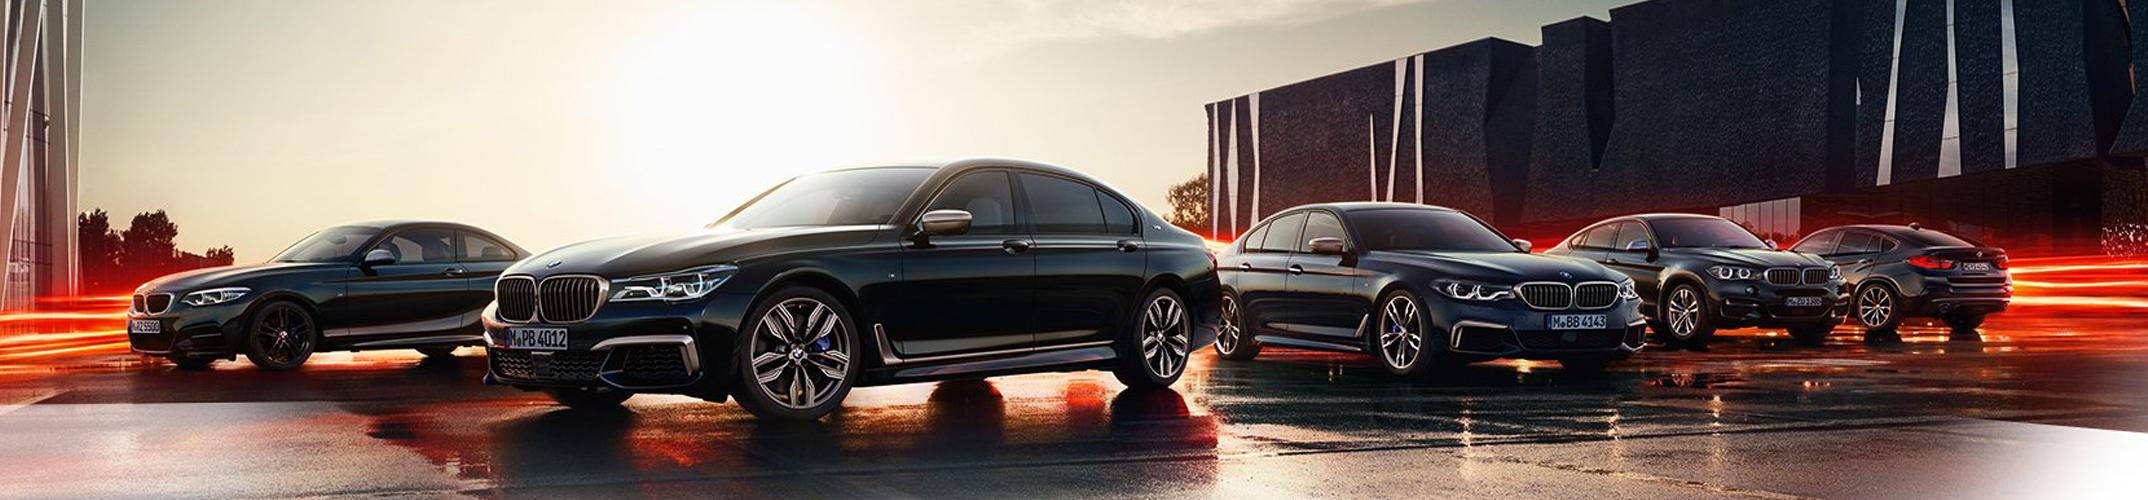 Otomol Premium Araç Kiralama